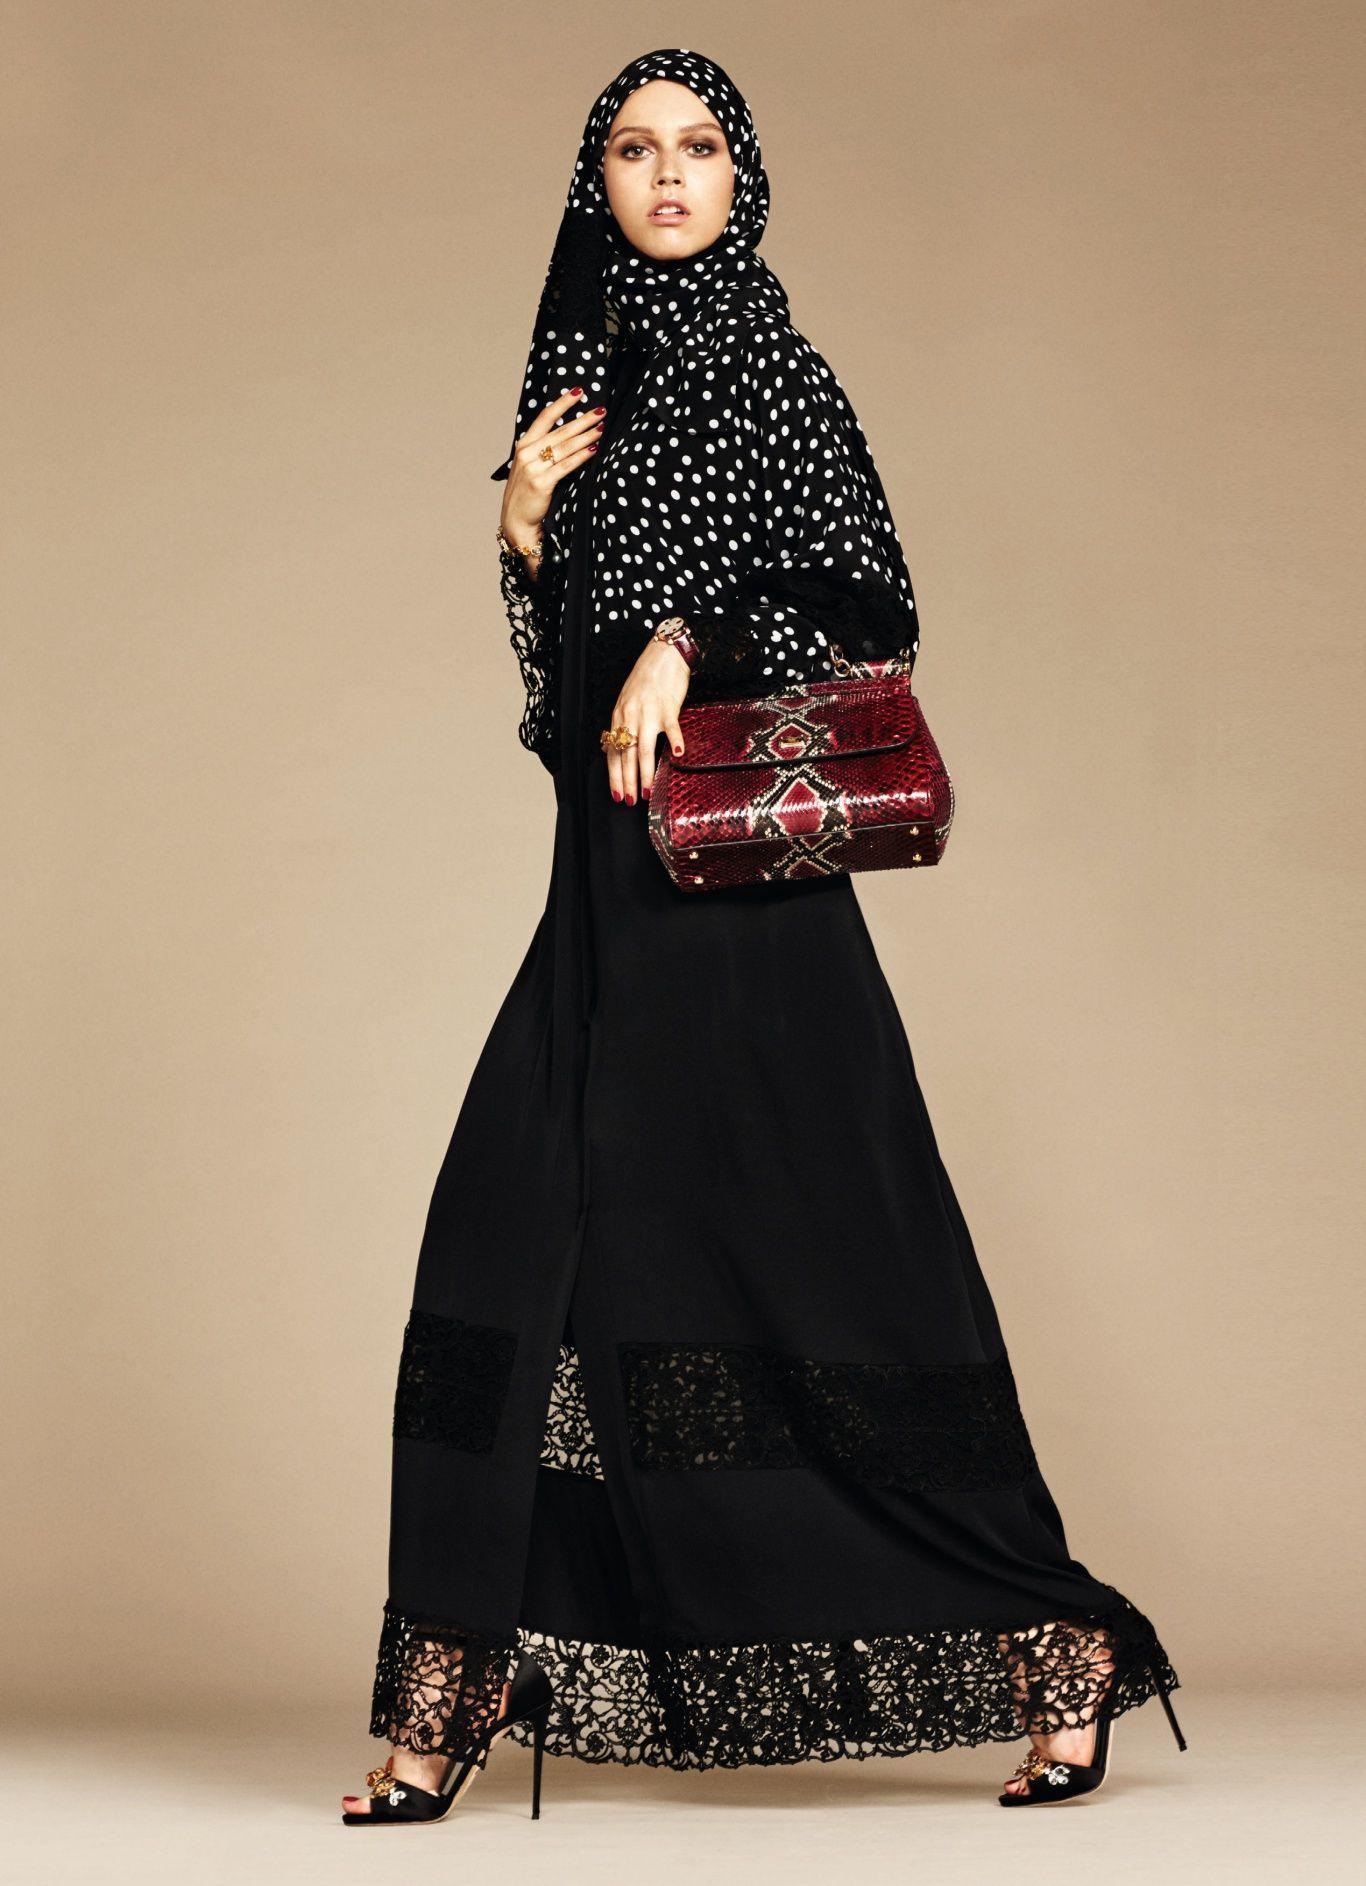 53575f40568 Galeria de Fotos Dolce Gabbana lança véus e burcas de olho em clientes  muçulmanas    Foto 5    Notícias    FFW